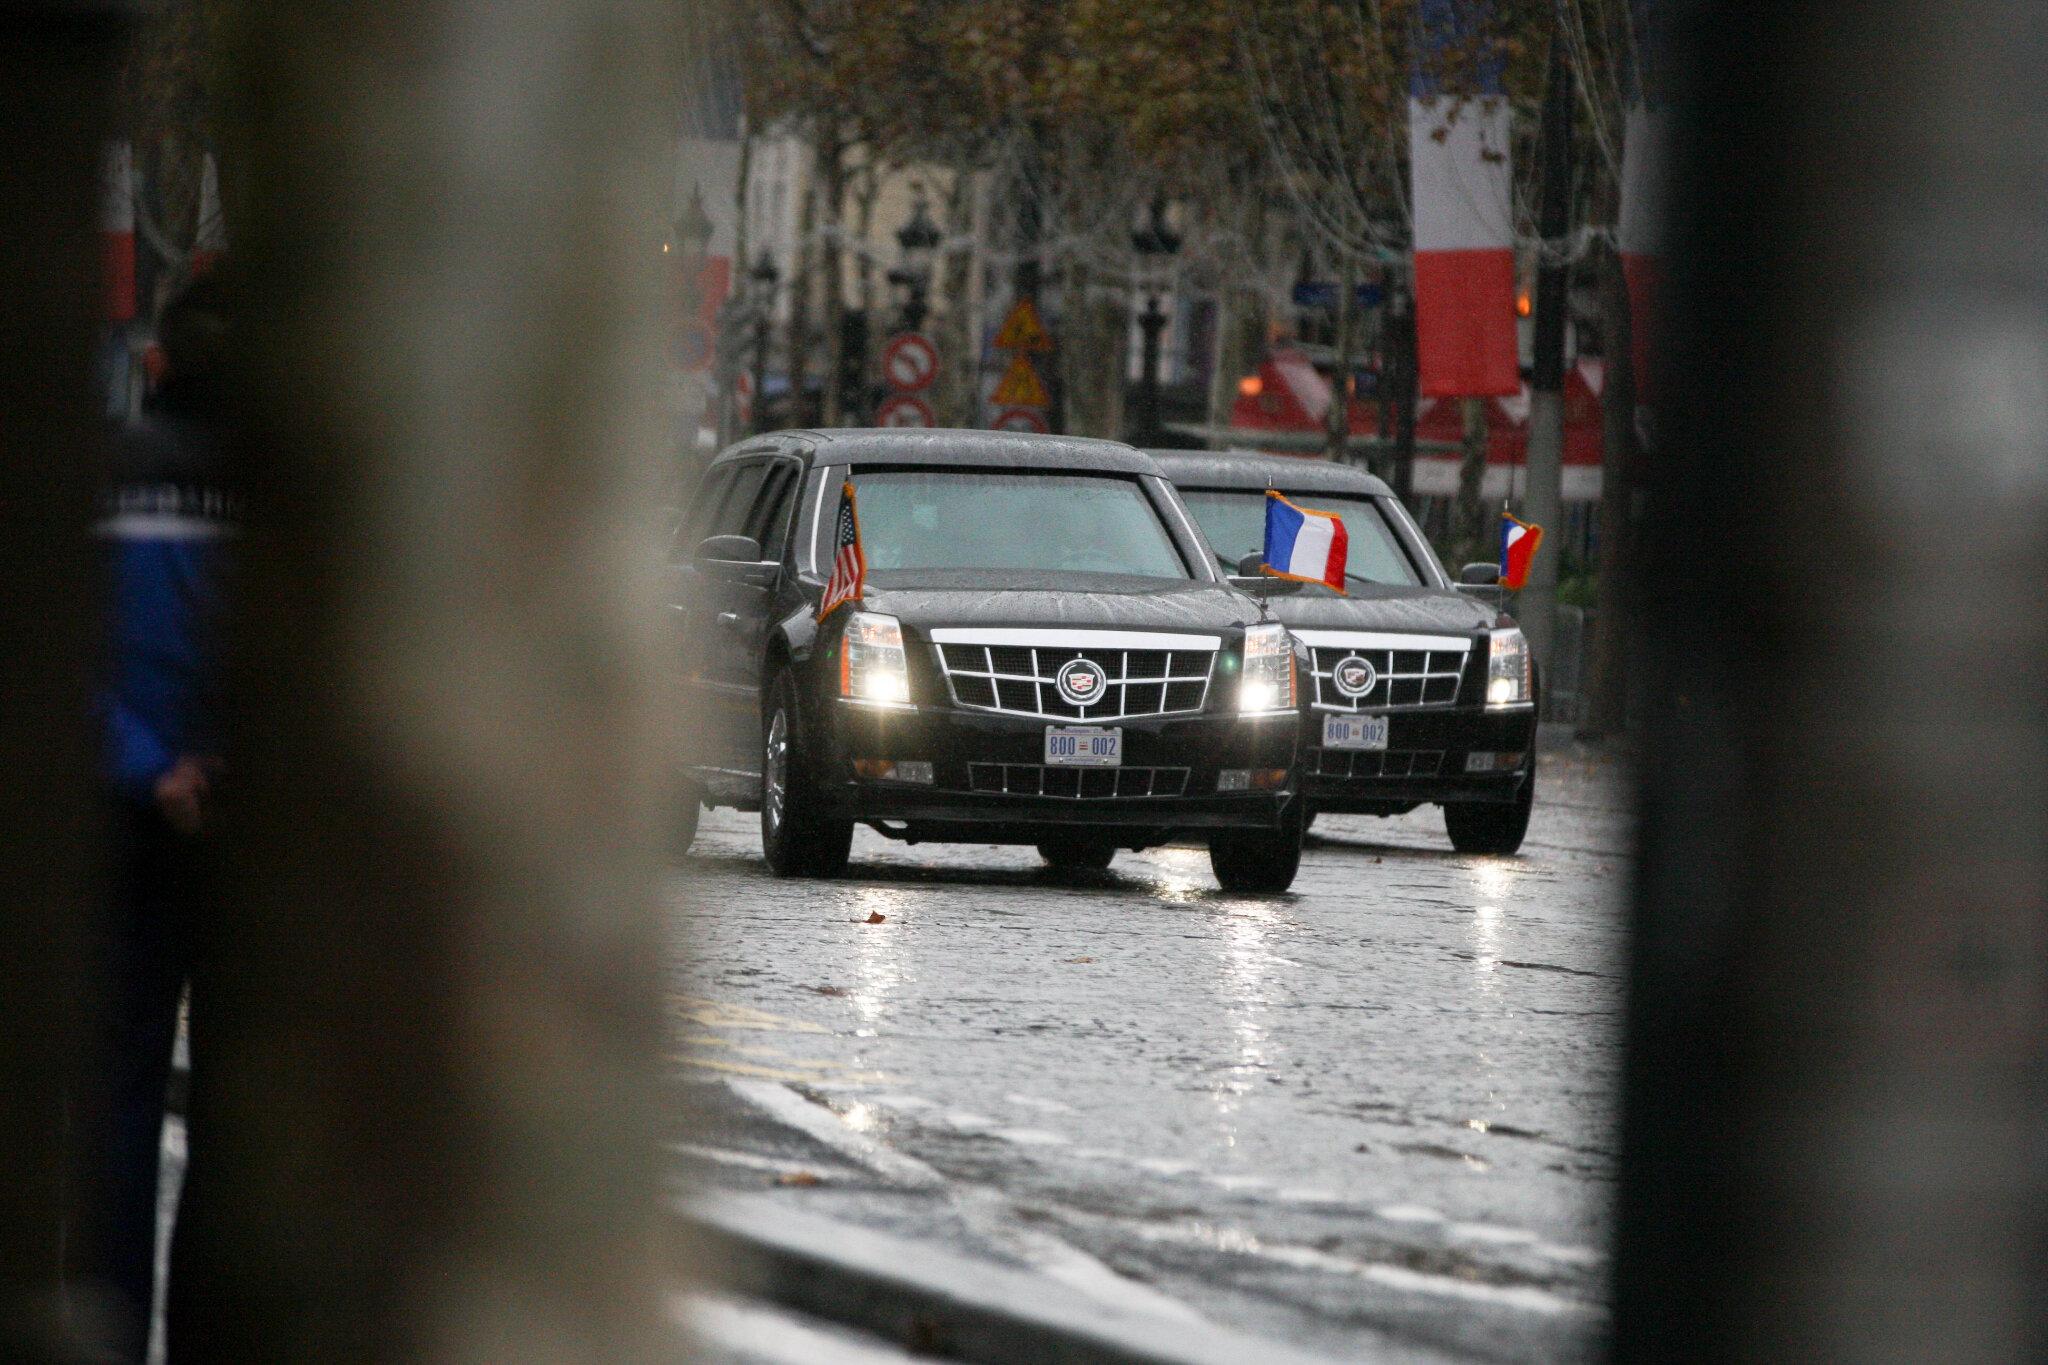 Ce que vous devez savoir sur « The Beast », la limousine de Trump. © Michel Stoupak. Dim 11.11.2018, 10h53m48.